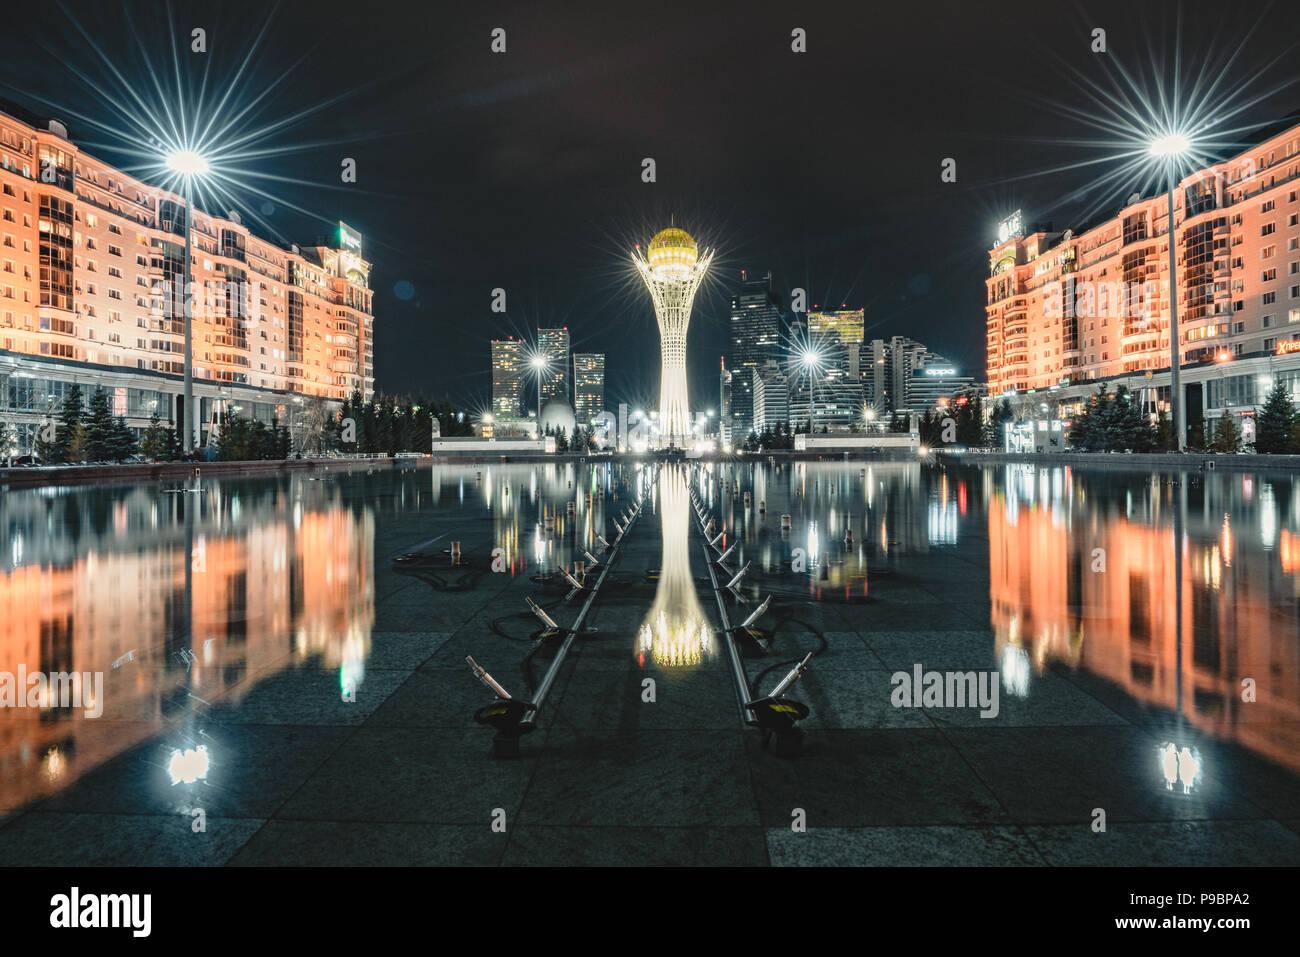 Nachtansicht der Bayterek Tower, ein Wahrzeichen Aussichtsturm, entworfen vom Architekten Norman Foster in Astana, der Hauptstadt von Kasachstan. Stockbild